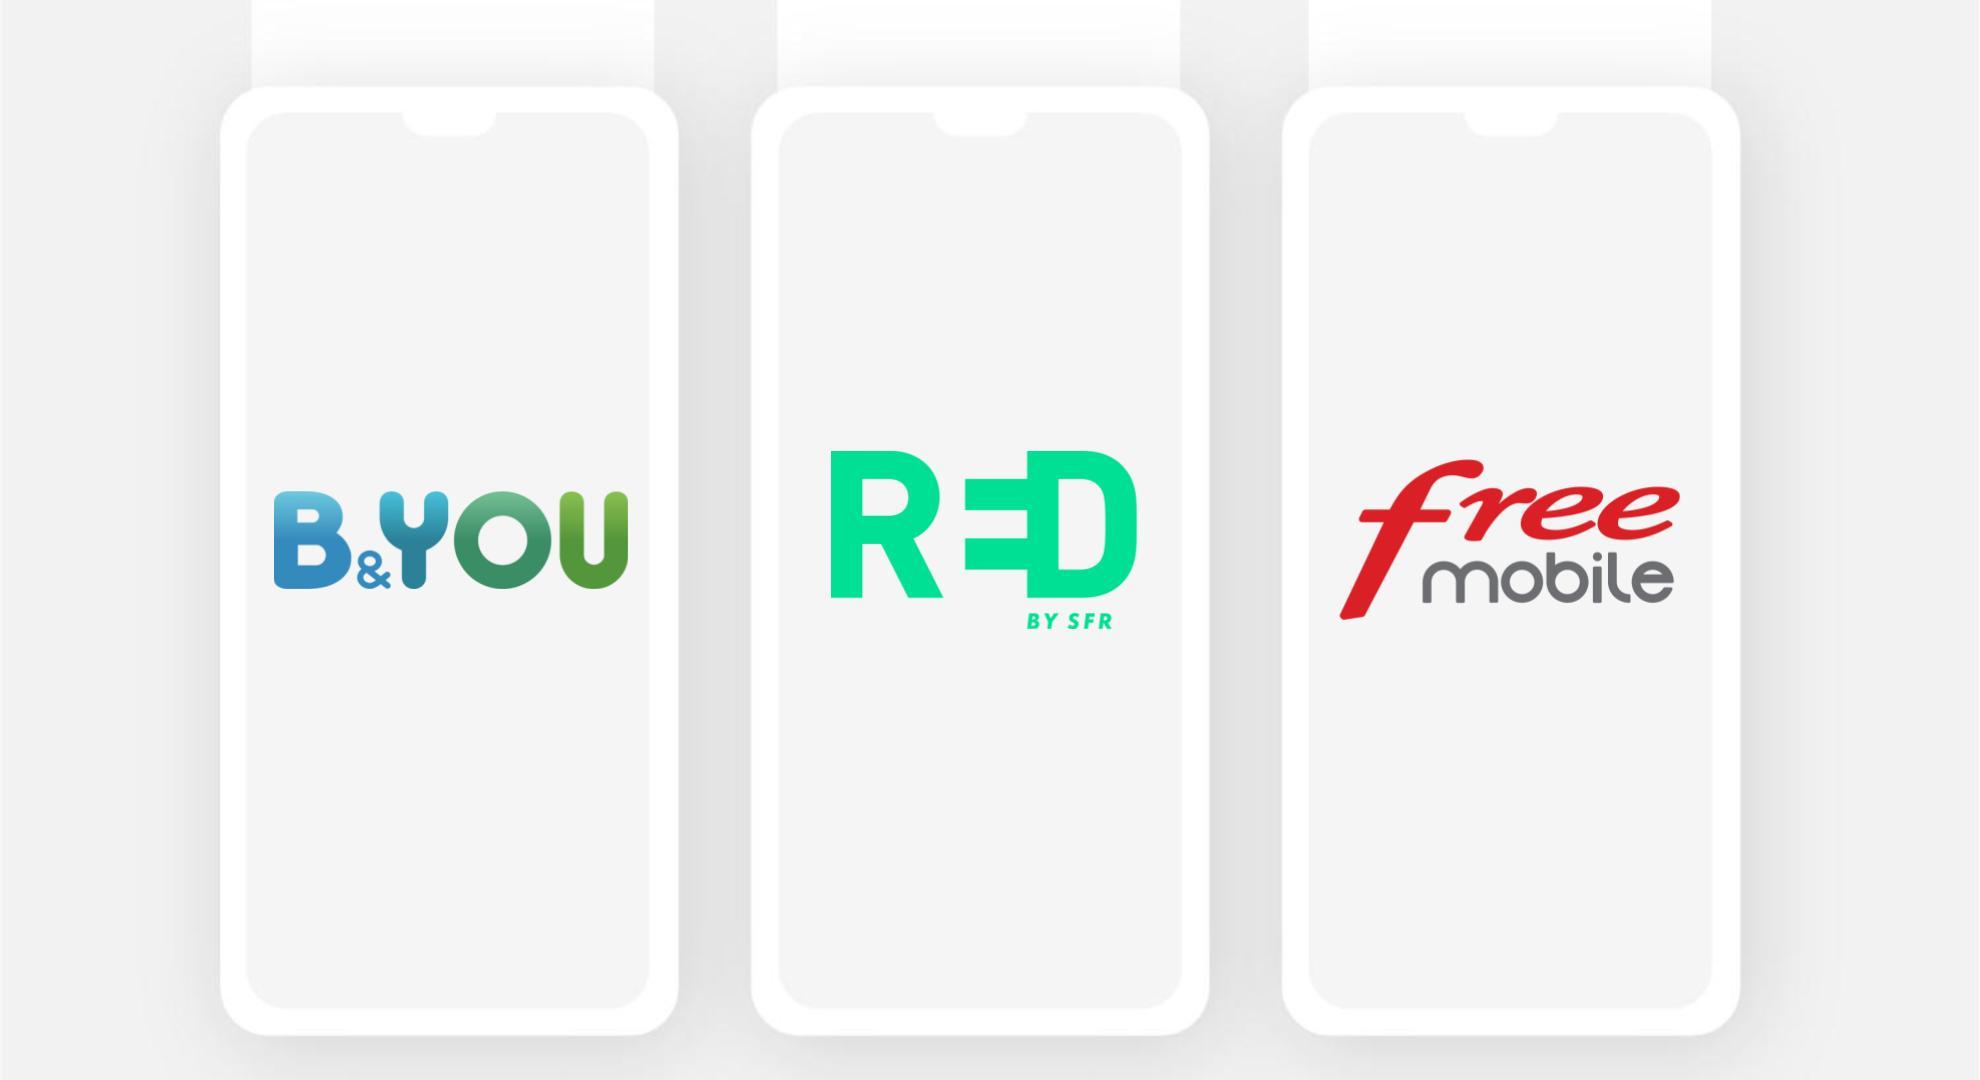 B&You, RED et Free : c'est bientôt la fin des meilleurs forfaits mobile du moment